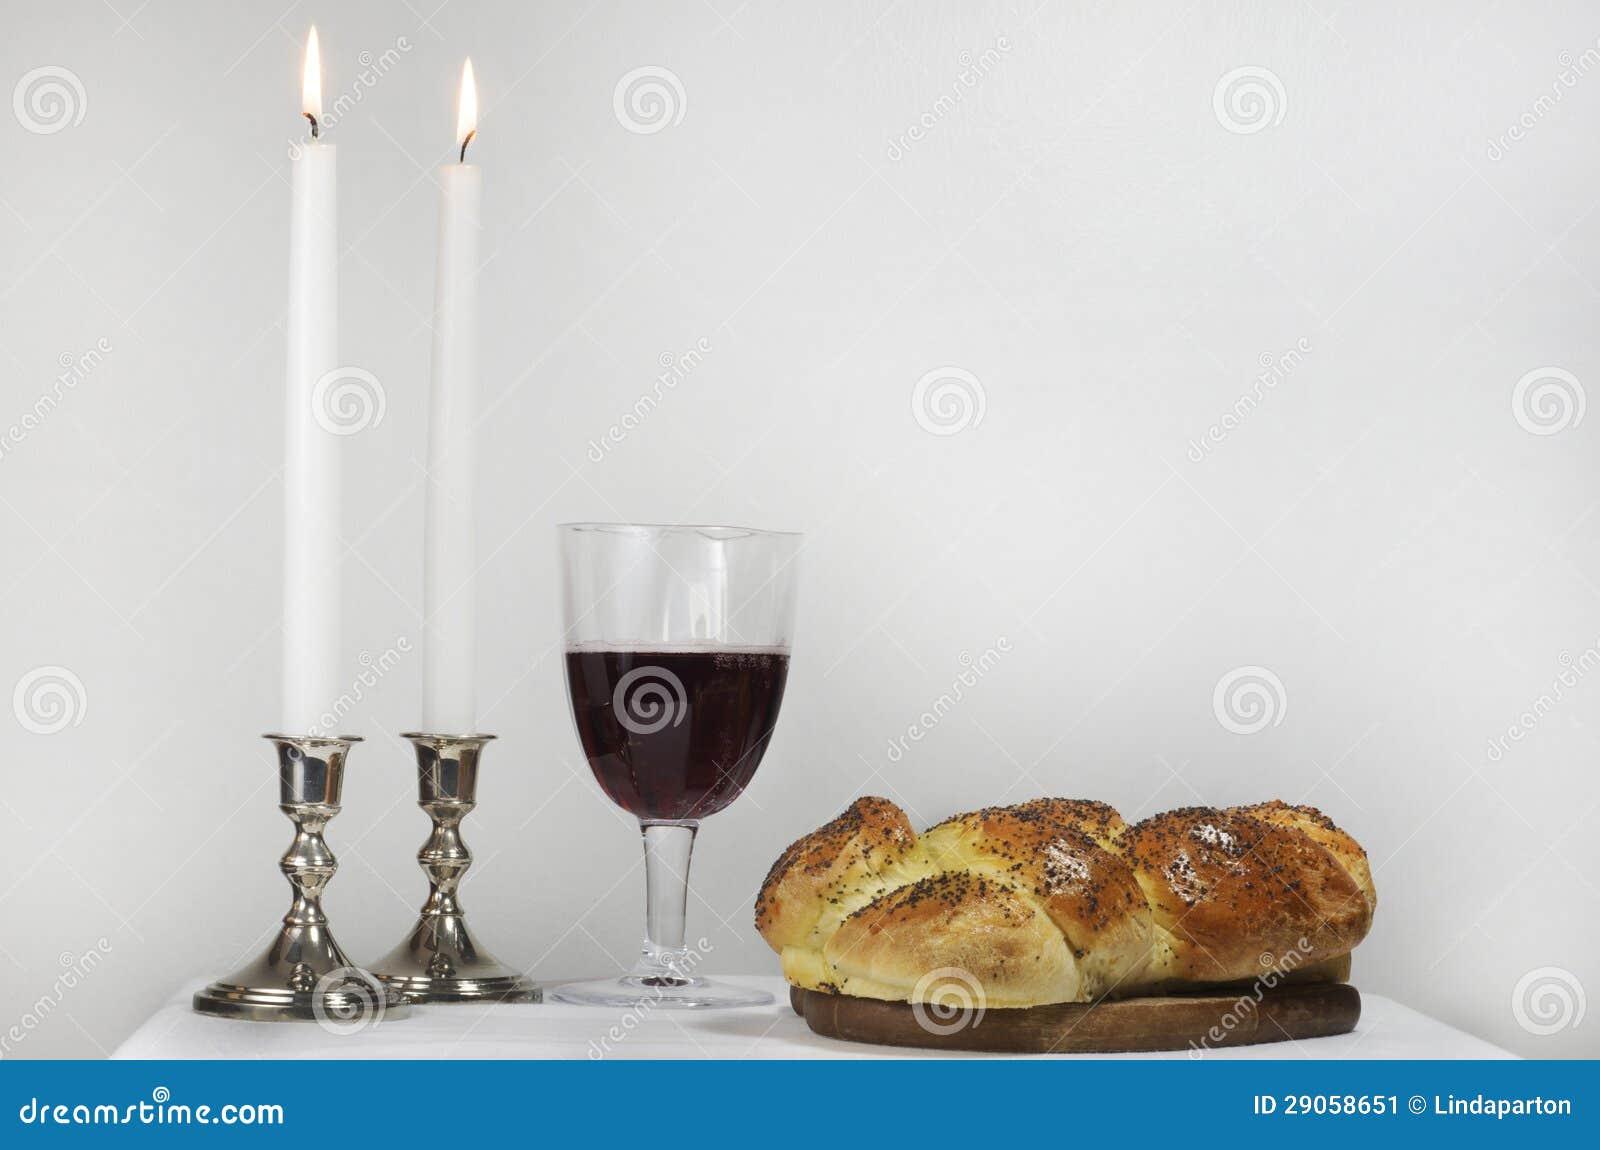 Shabbat Celebration stock image. Image of celebration - 29058651 a88c9aeb82c4